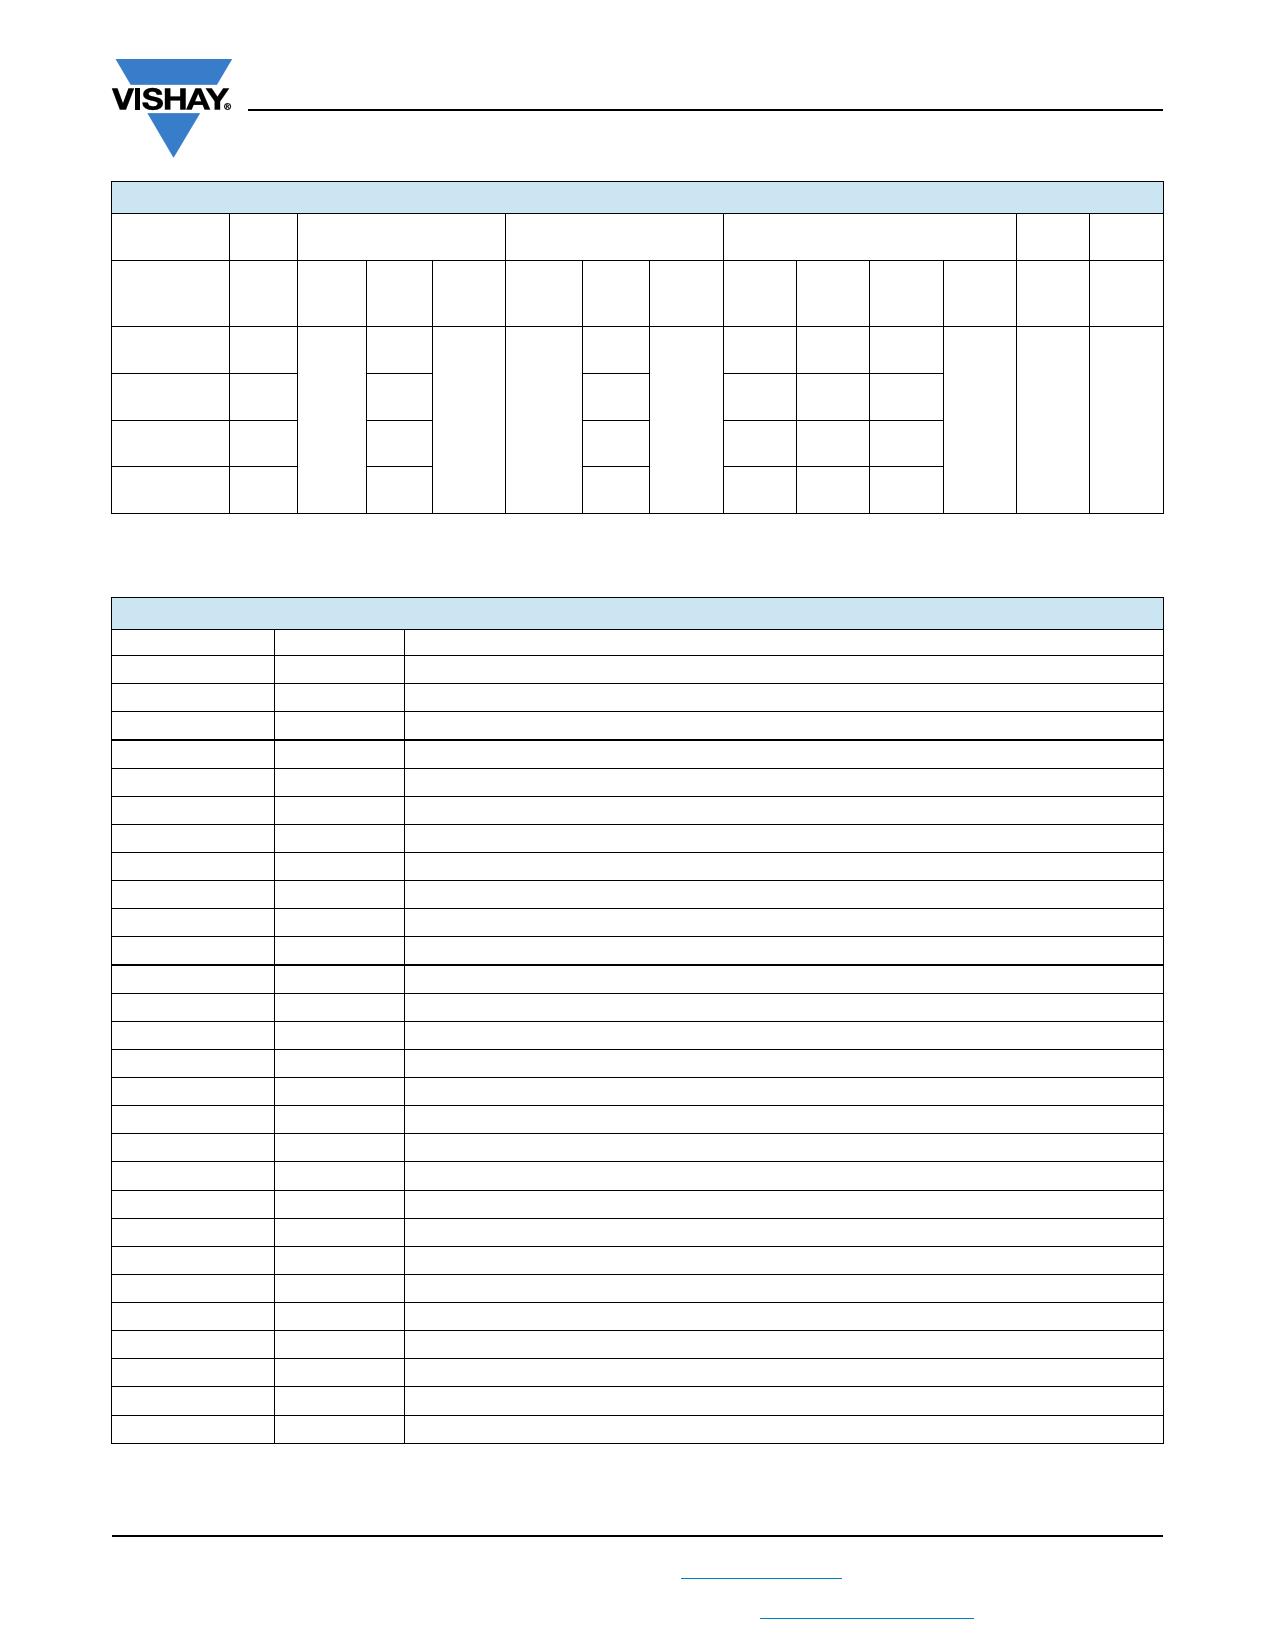 199D224Xxxxx pdf, 電子部品, 半導体, ピン配列